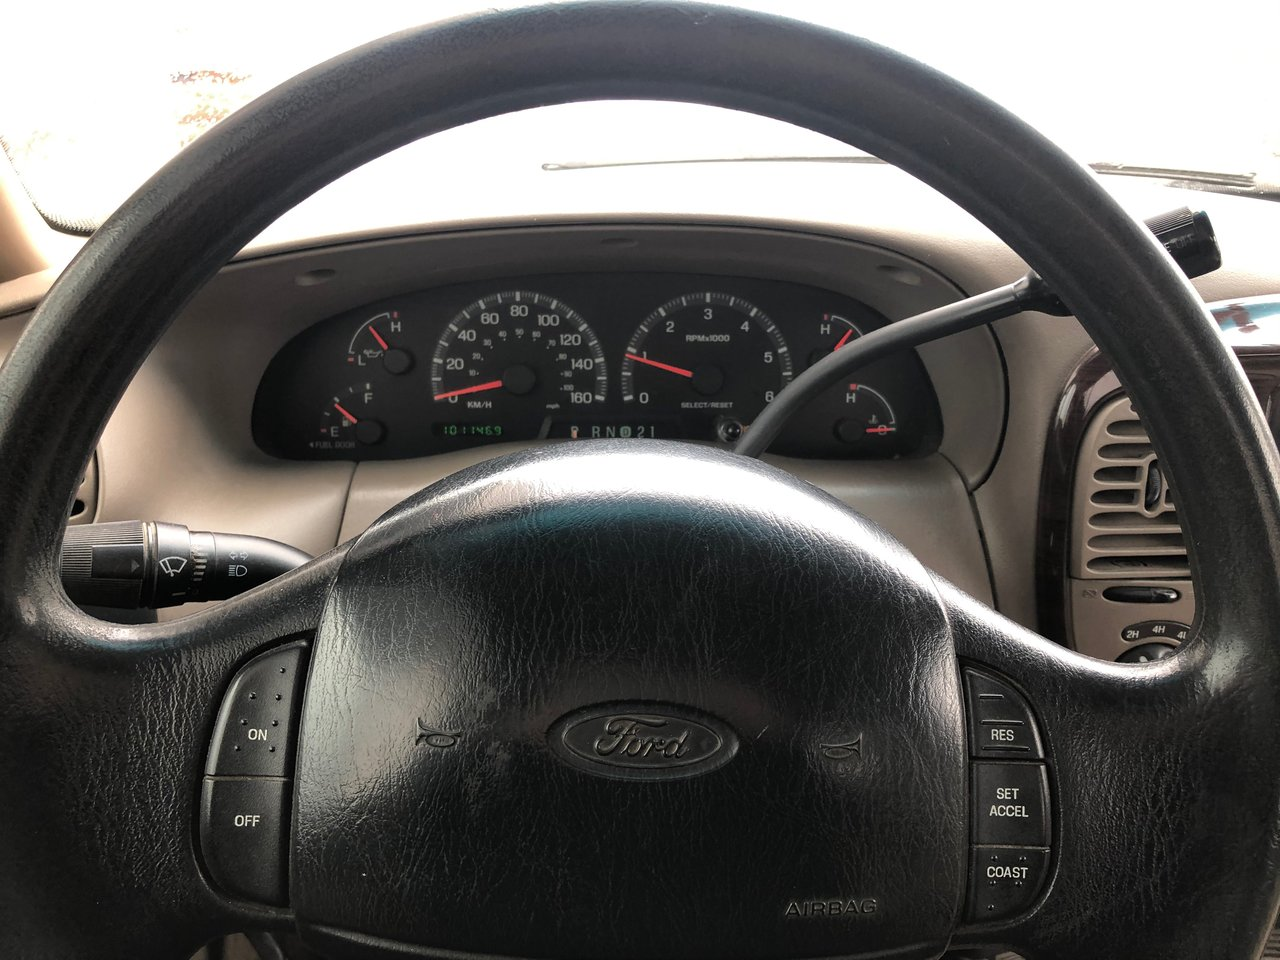 2000 Ford F-150 series XLT 4X4